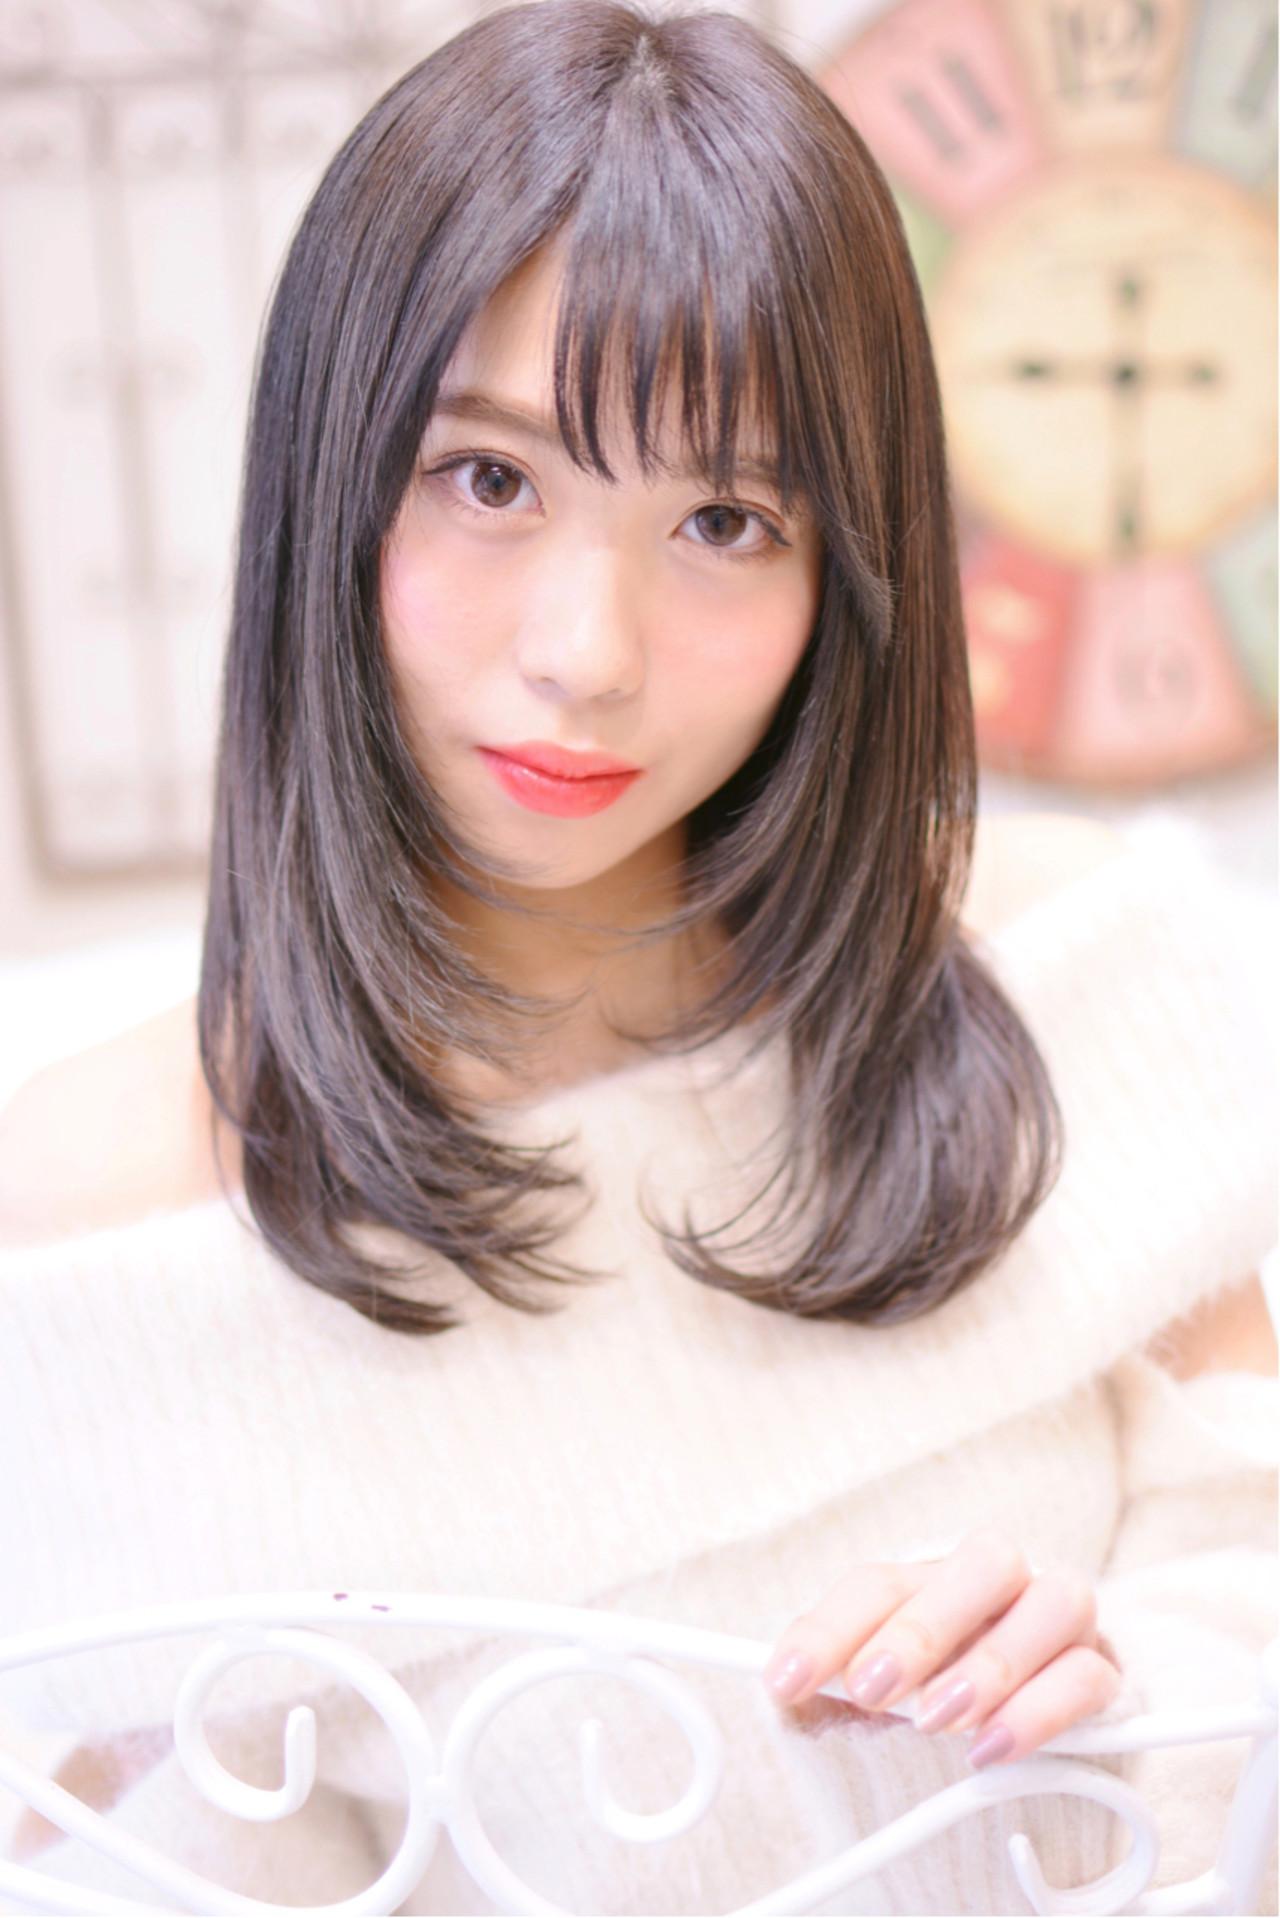 ワンカールならやわらかい女性の雰囲気に♡ Shiko Kajihara | メイズ